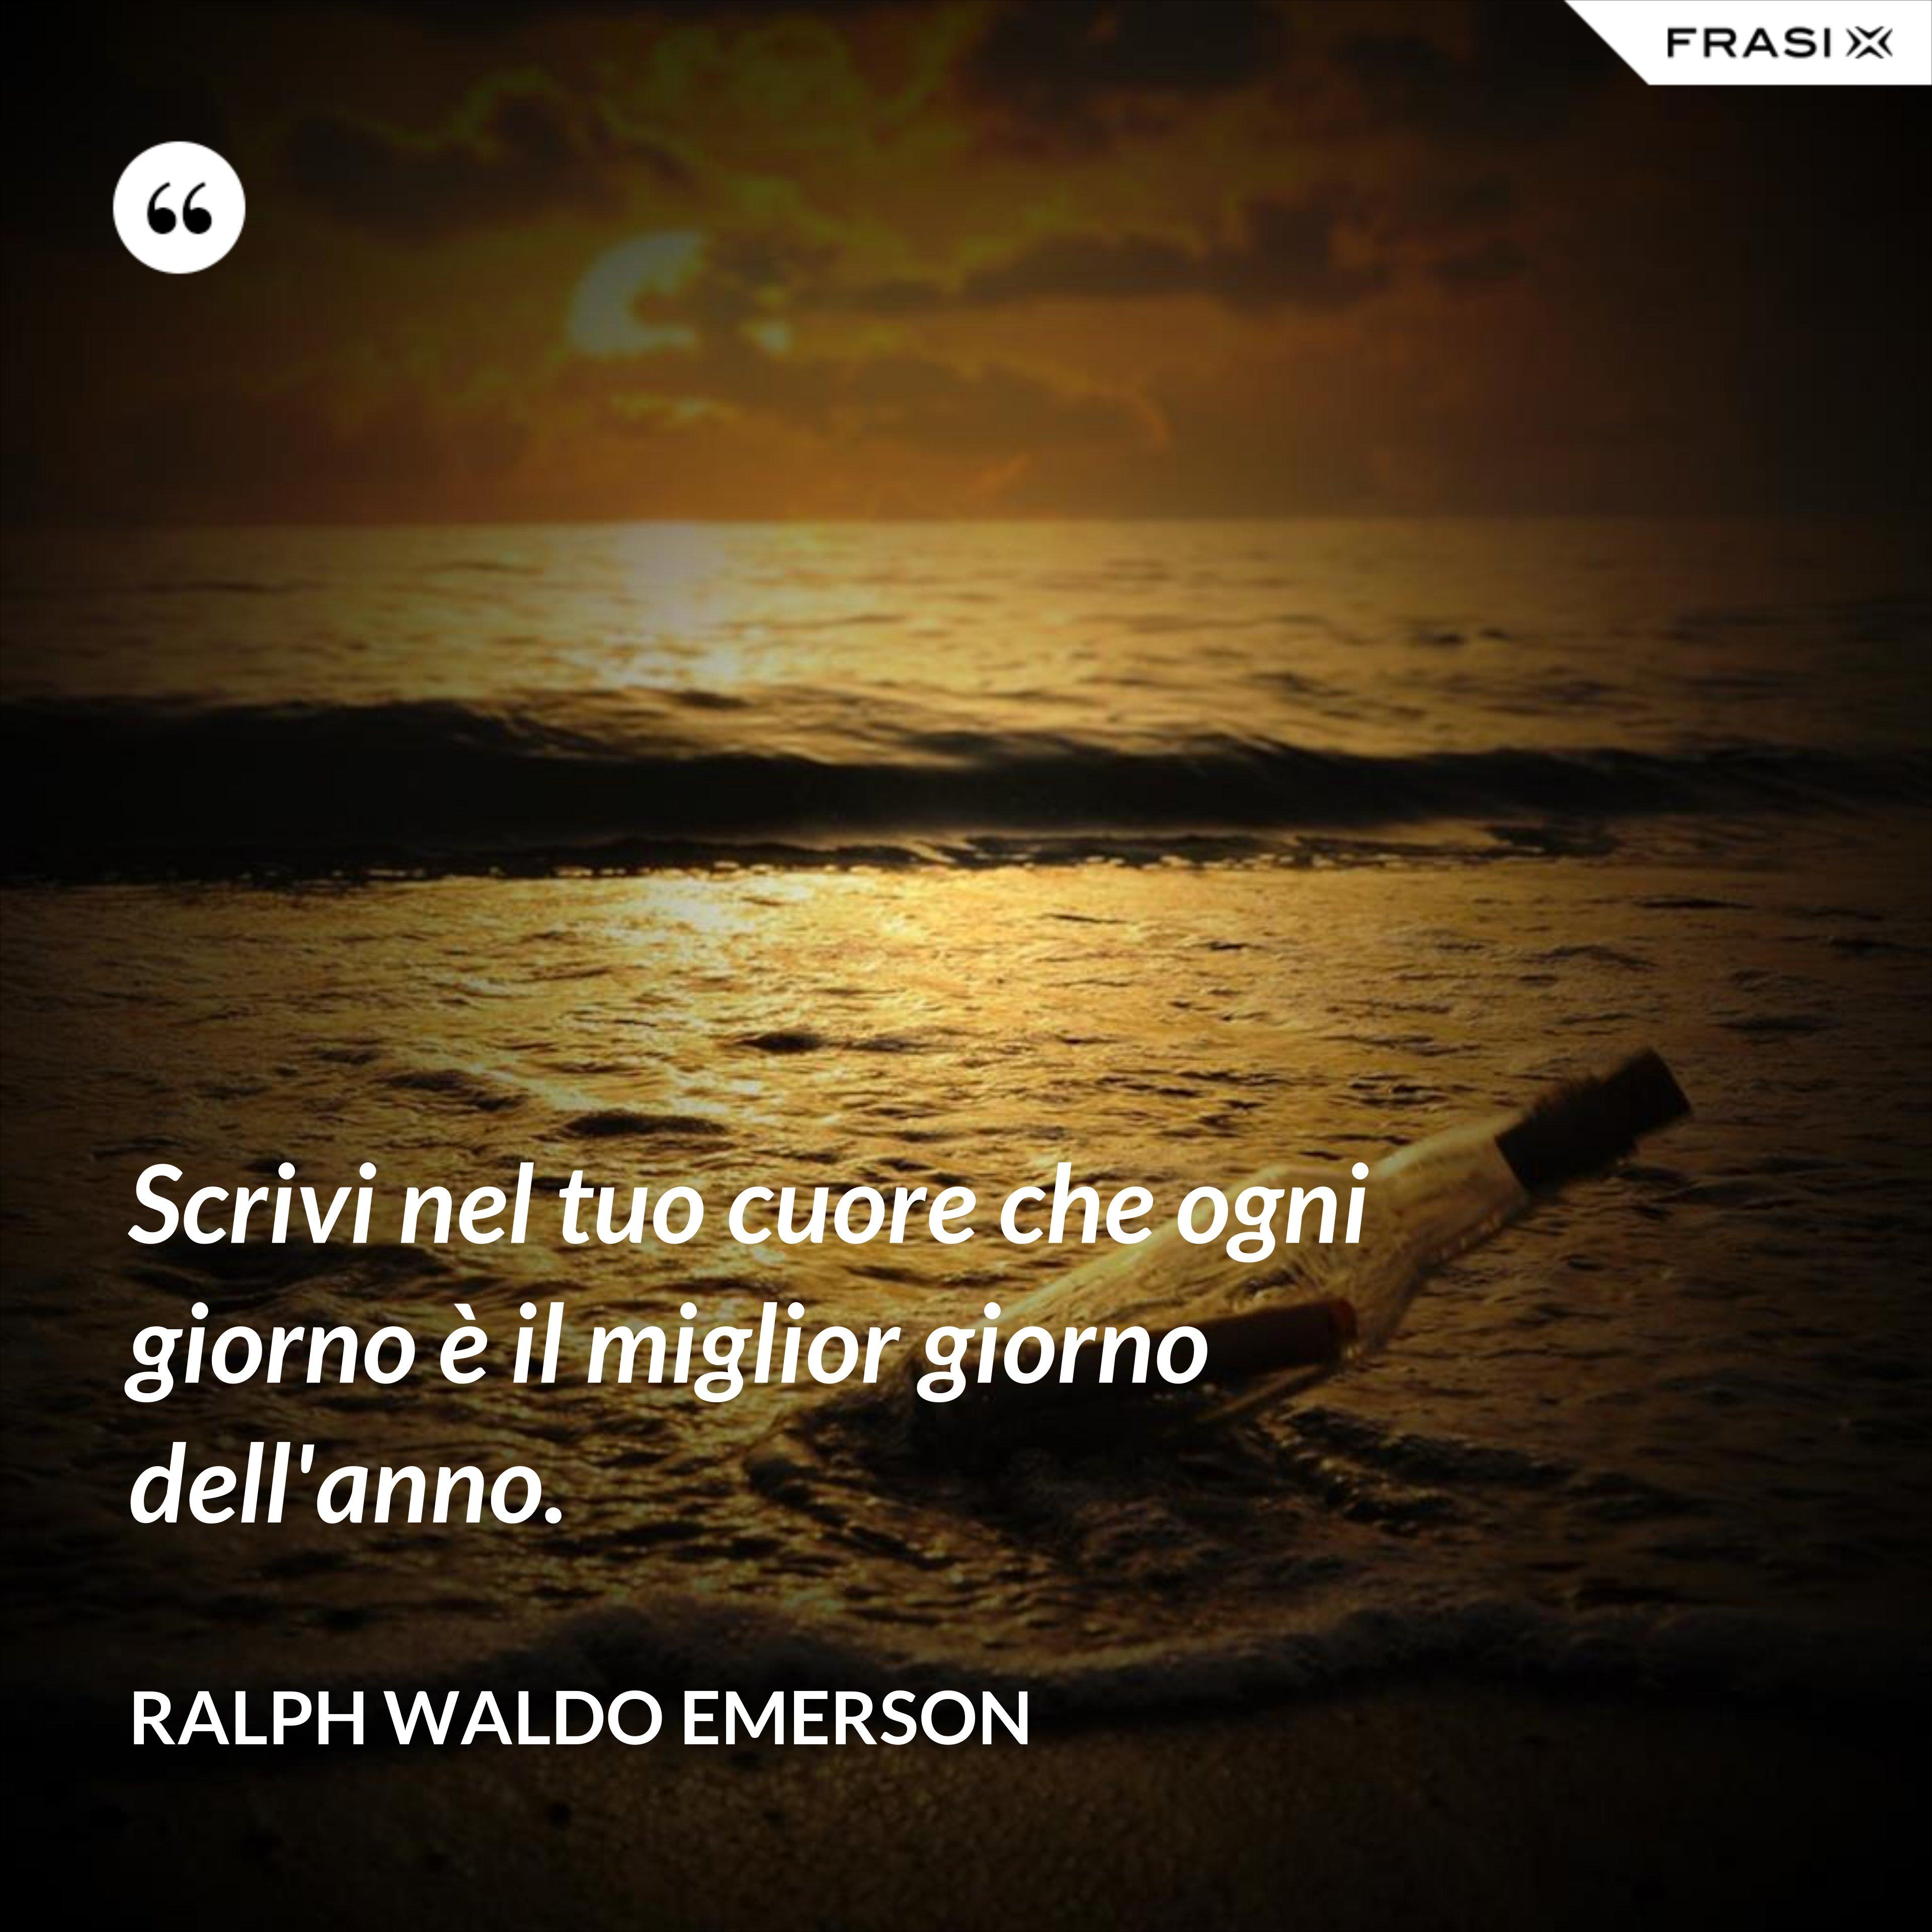 Scrivi nel tuo cuore che ogni giorno è il miglior giorno dell'anno. - Ralph Waldo Emerson